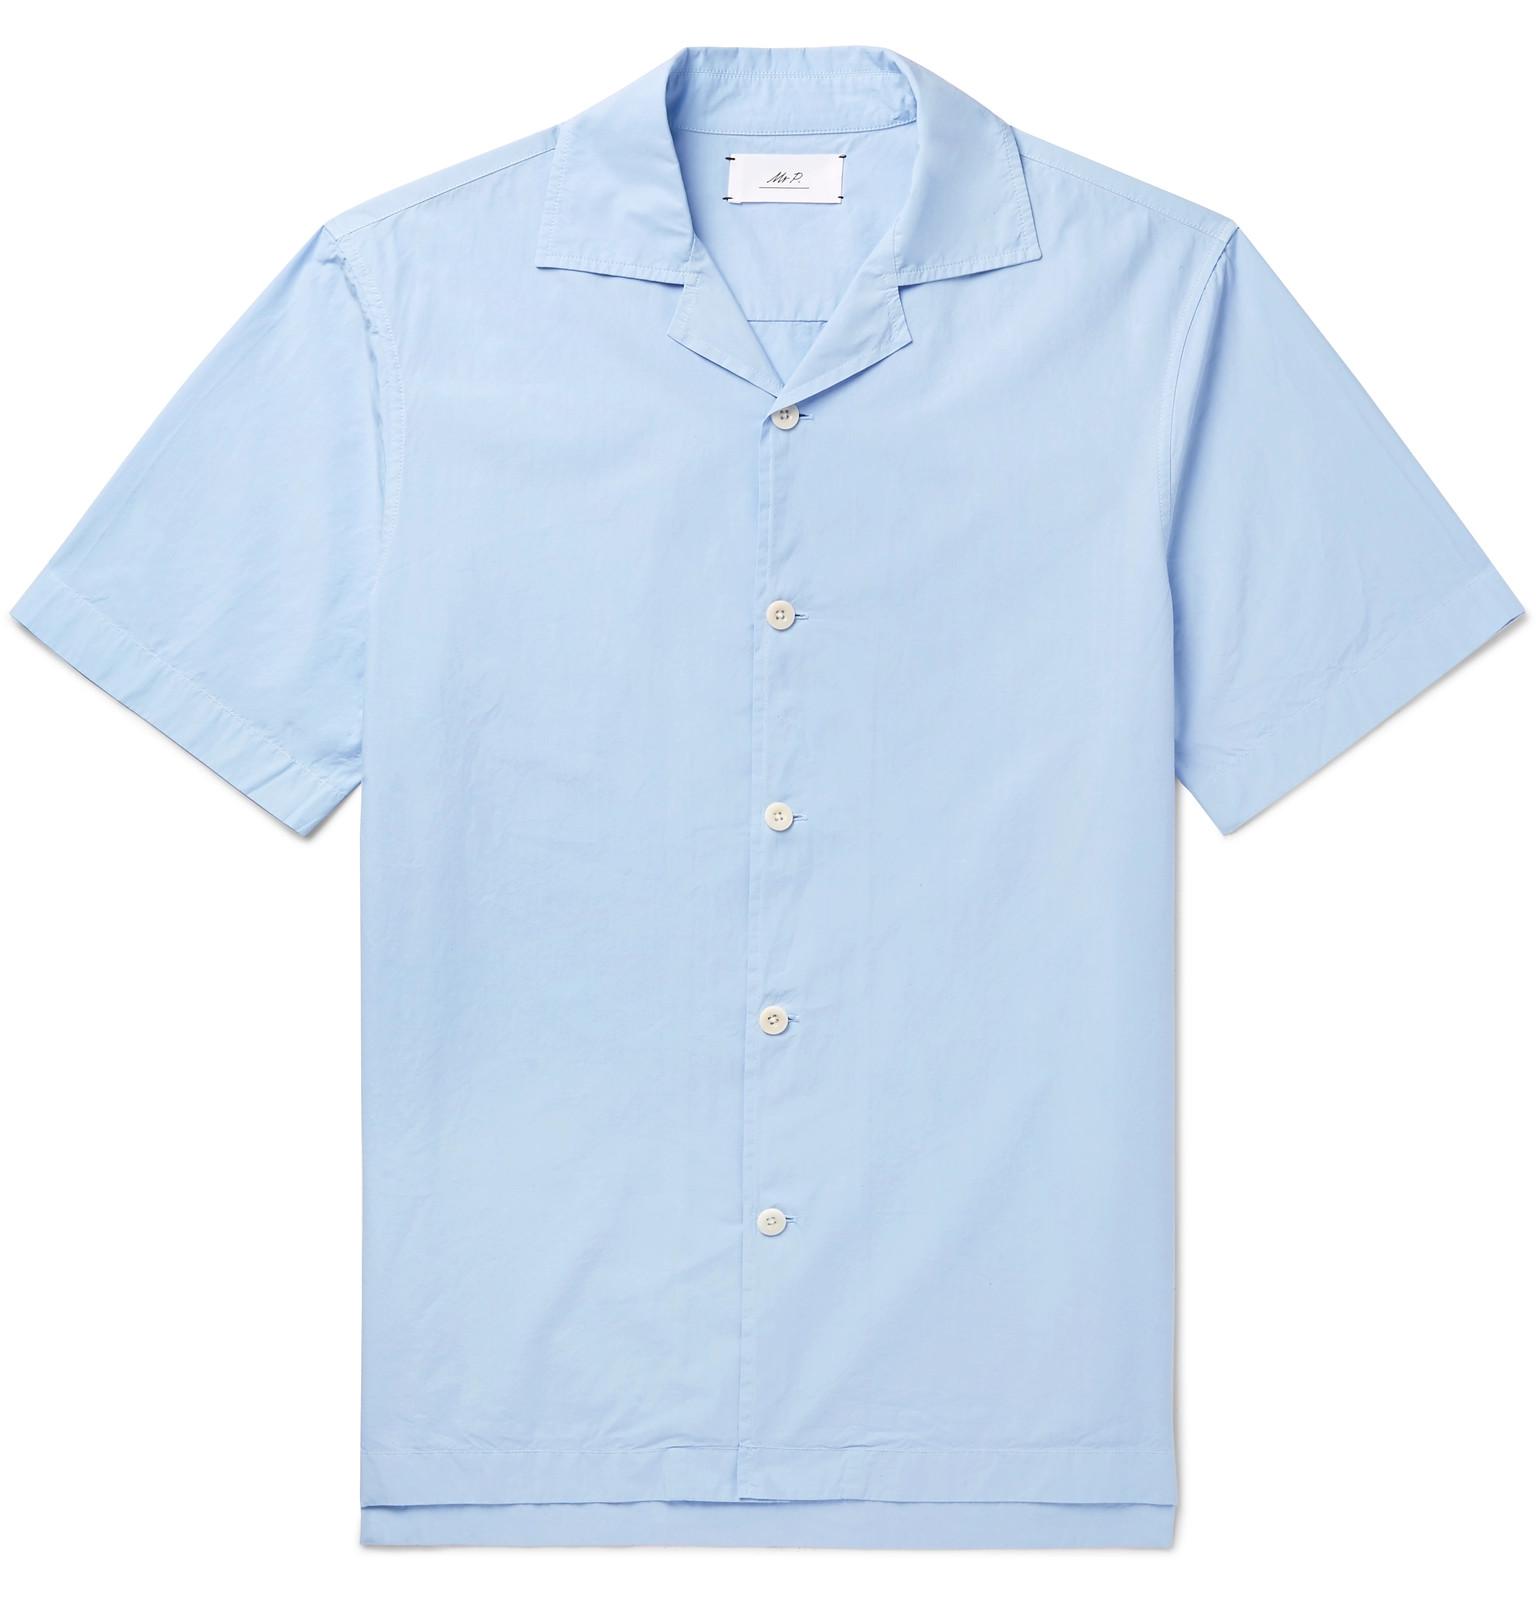 Mr. P Short sleeve shirt